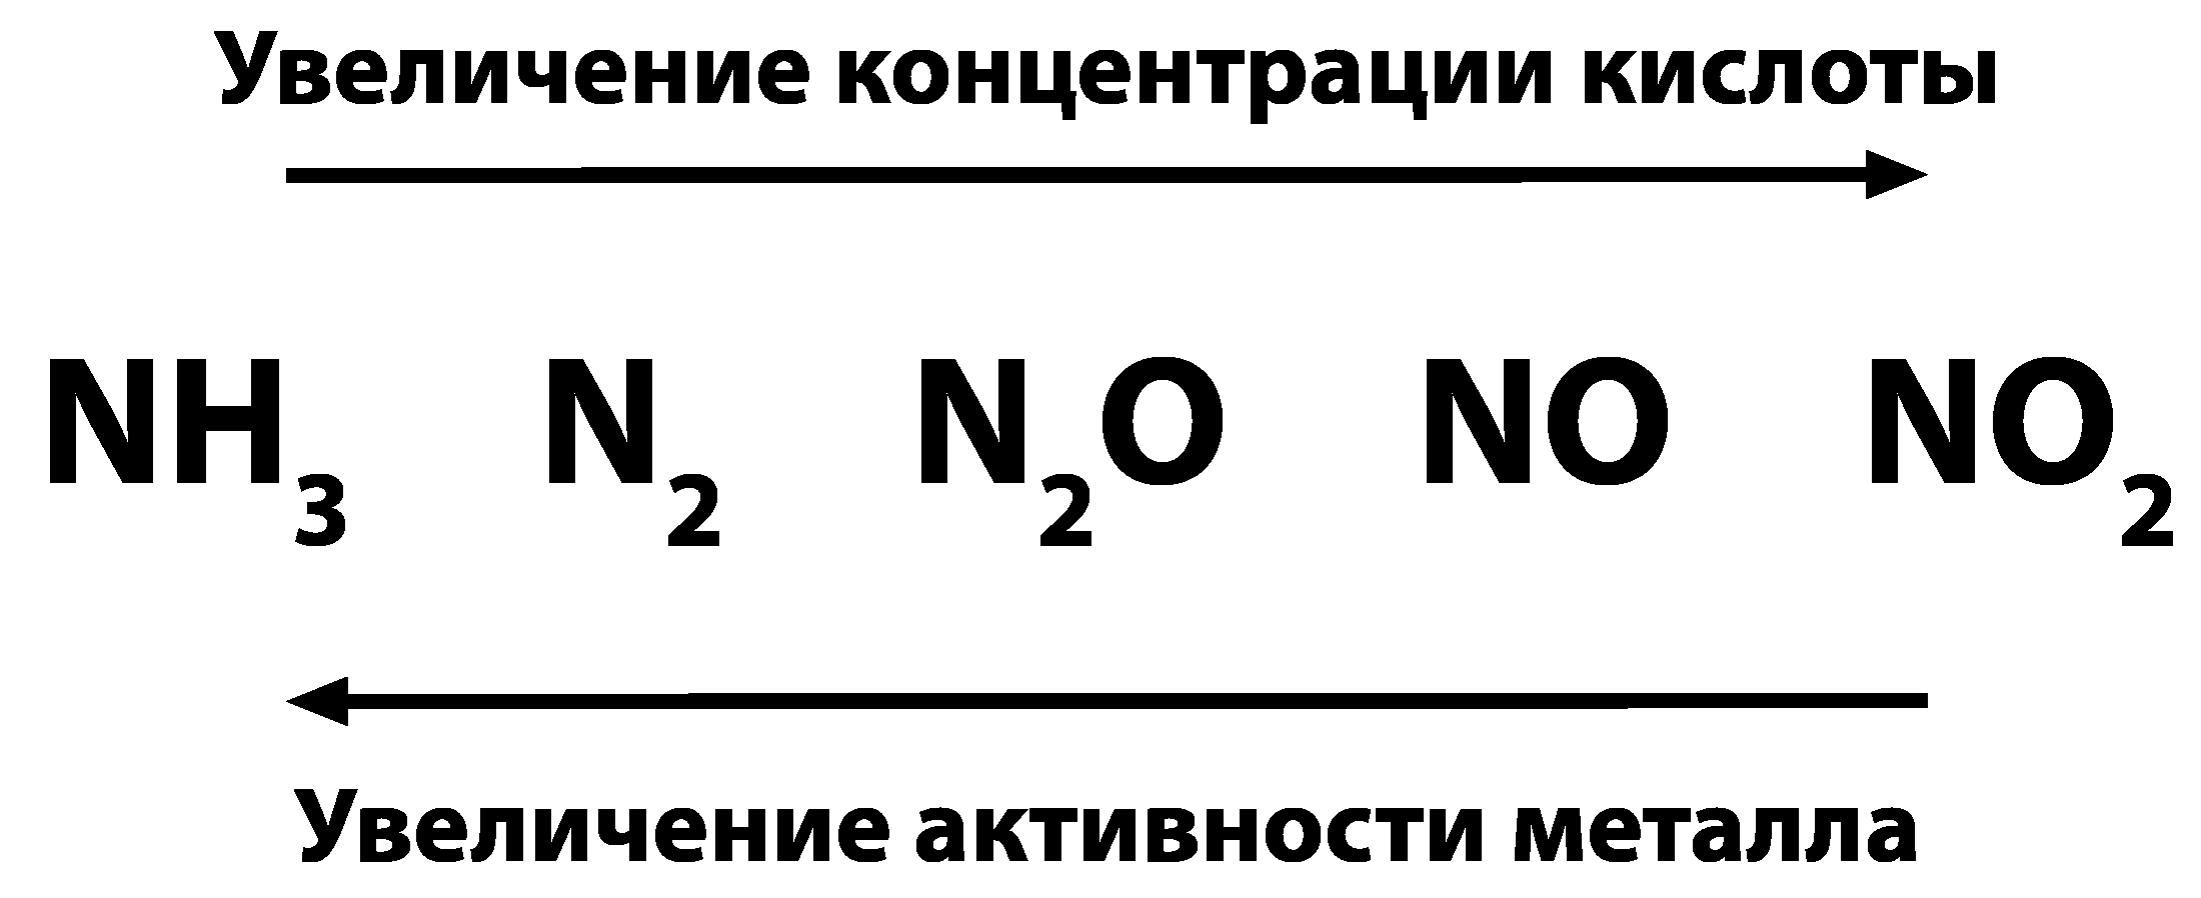 при реакциях азотной кислоты с металлами выделяется не водород, а различные соединения азота